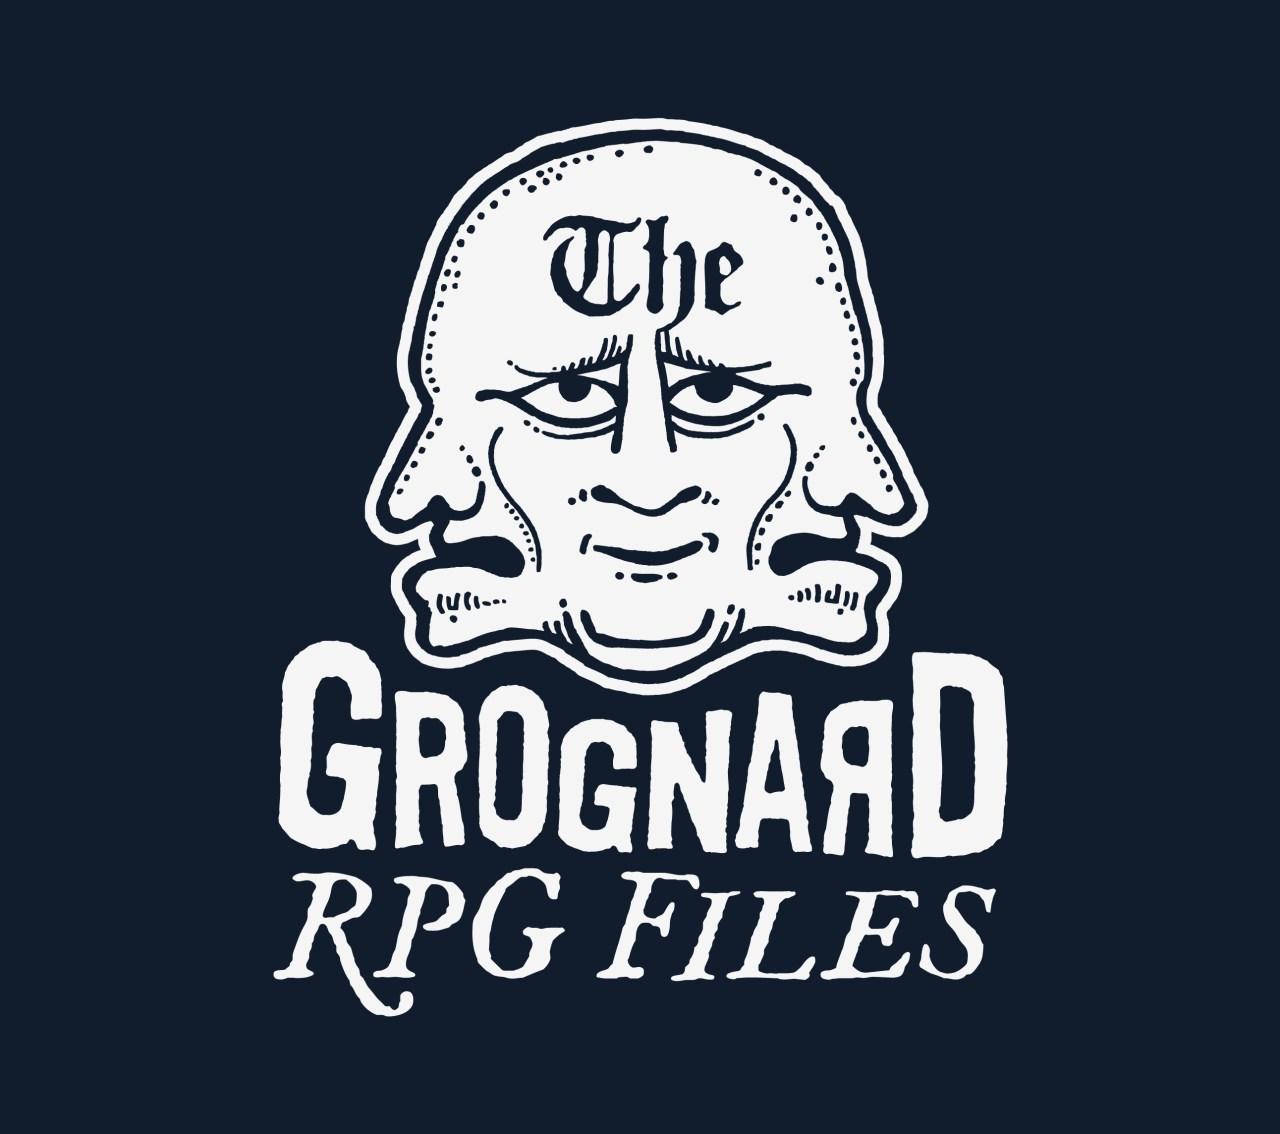 grognard-files-final.jpg